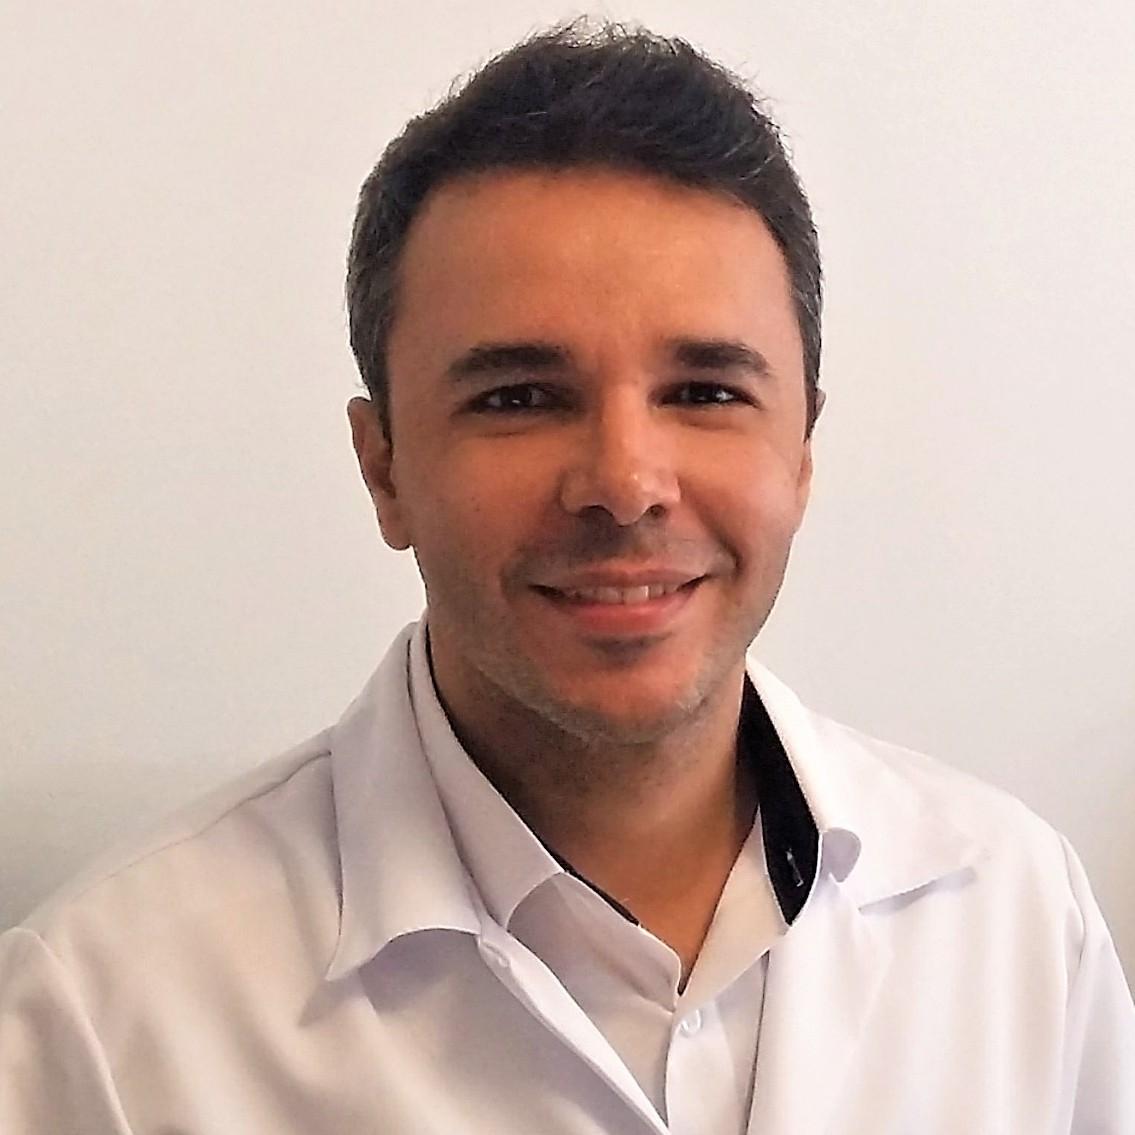 Alexandre Constantino de Santana